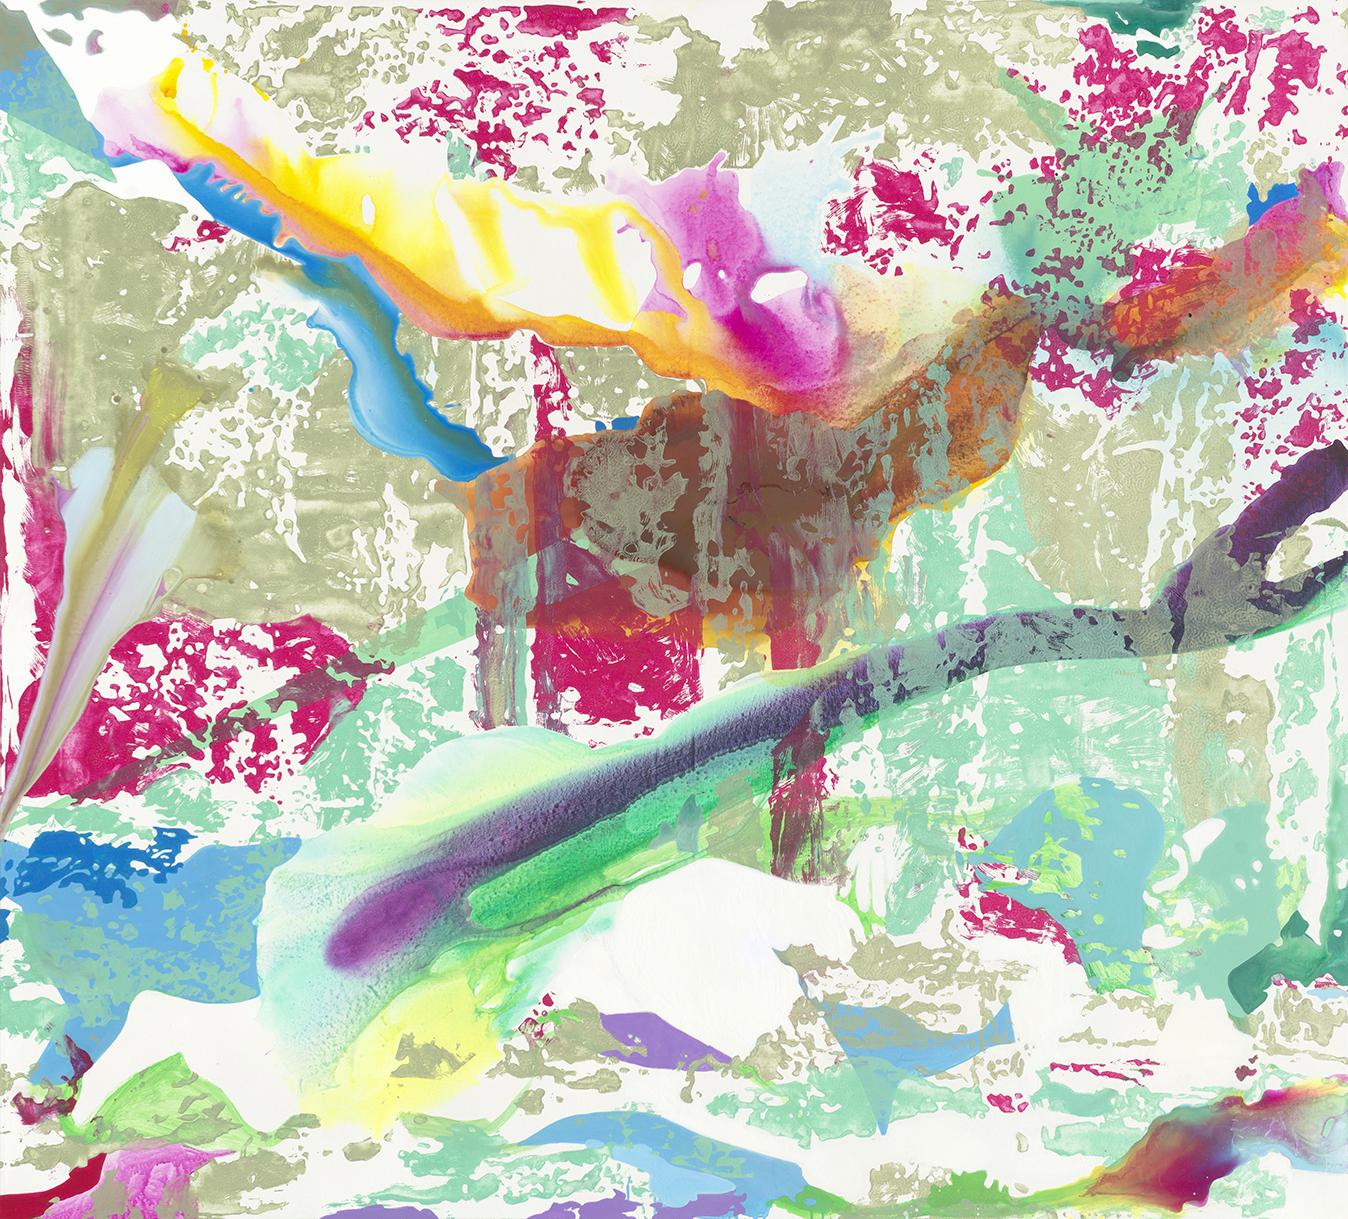 Eden | Tusche, Acryl, Öl und Linoldruck auf Leinwand | 180 x 200 cm